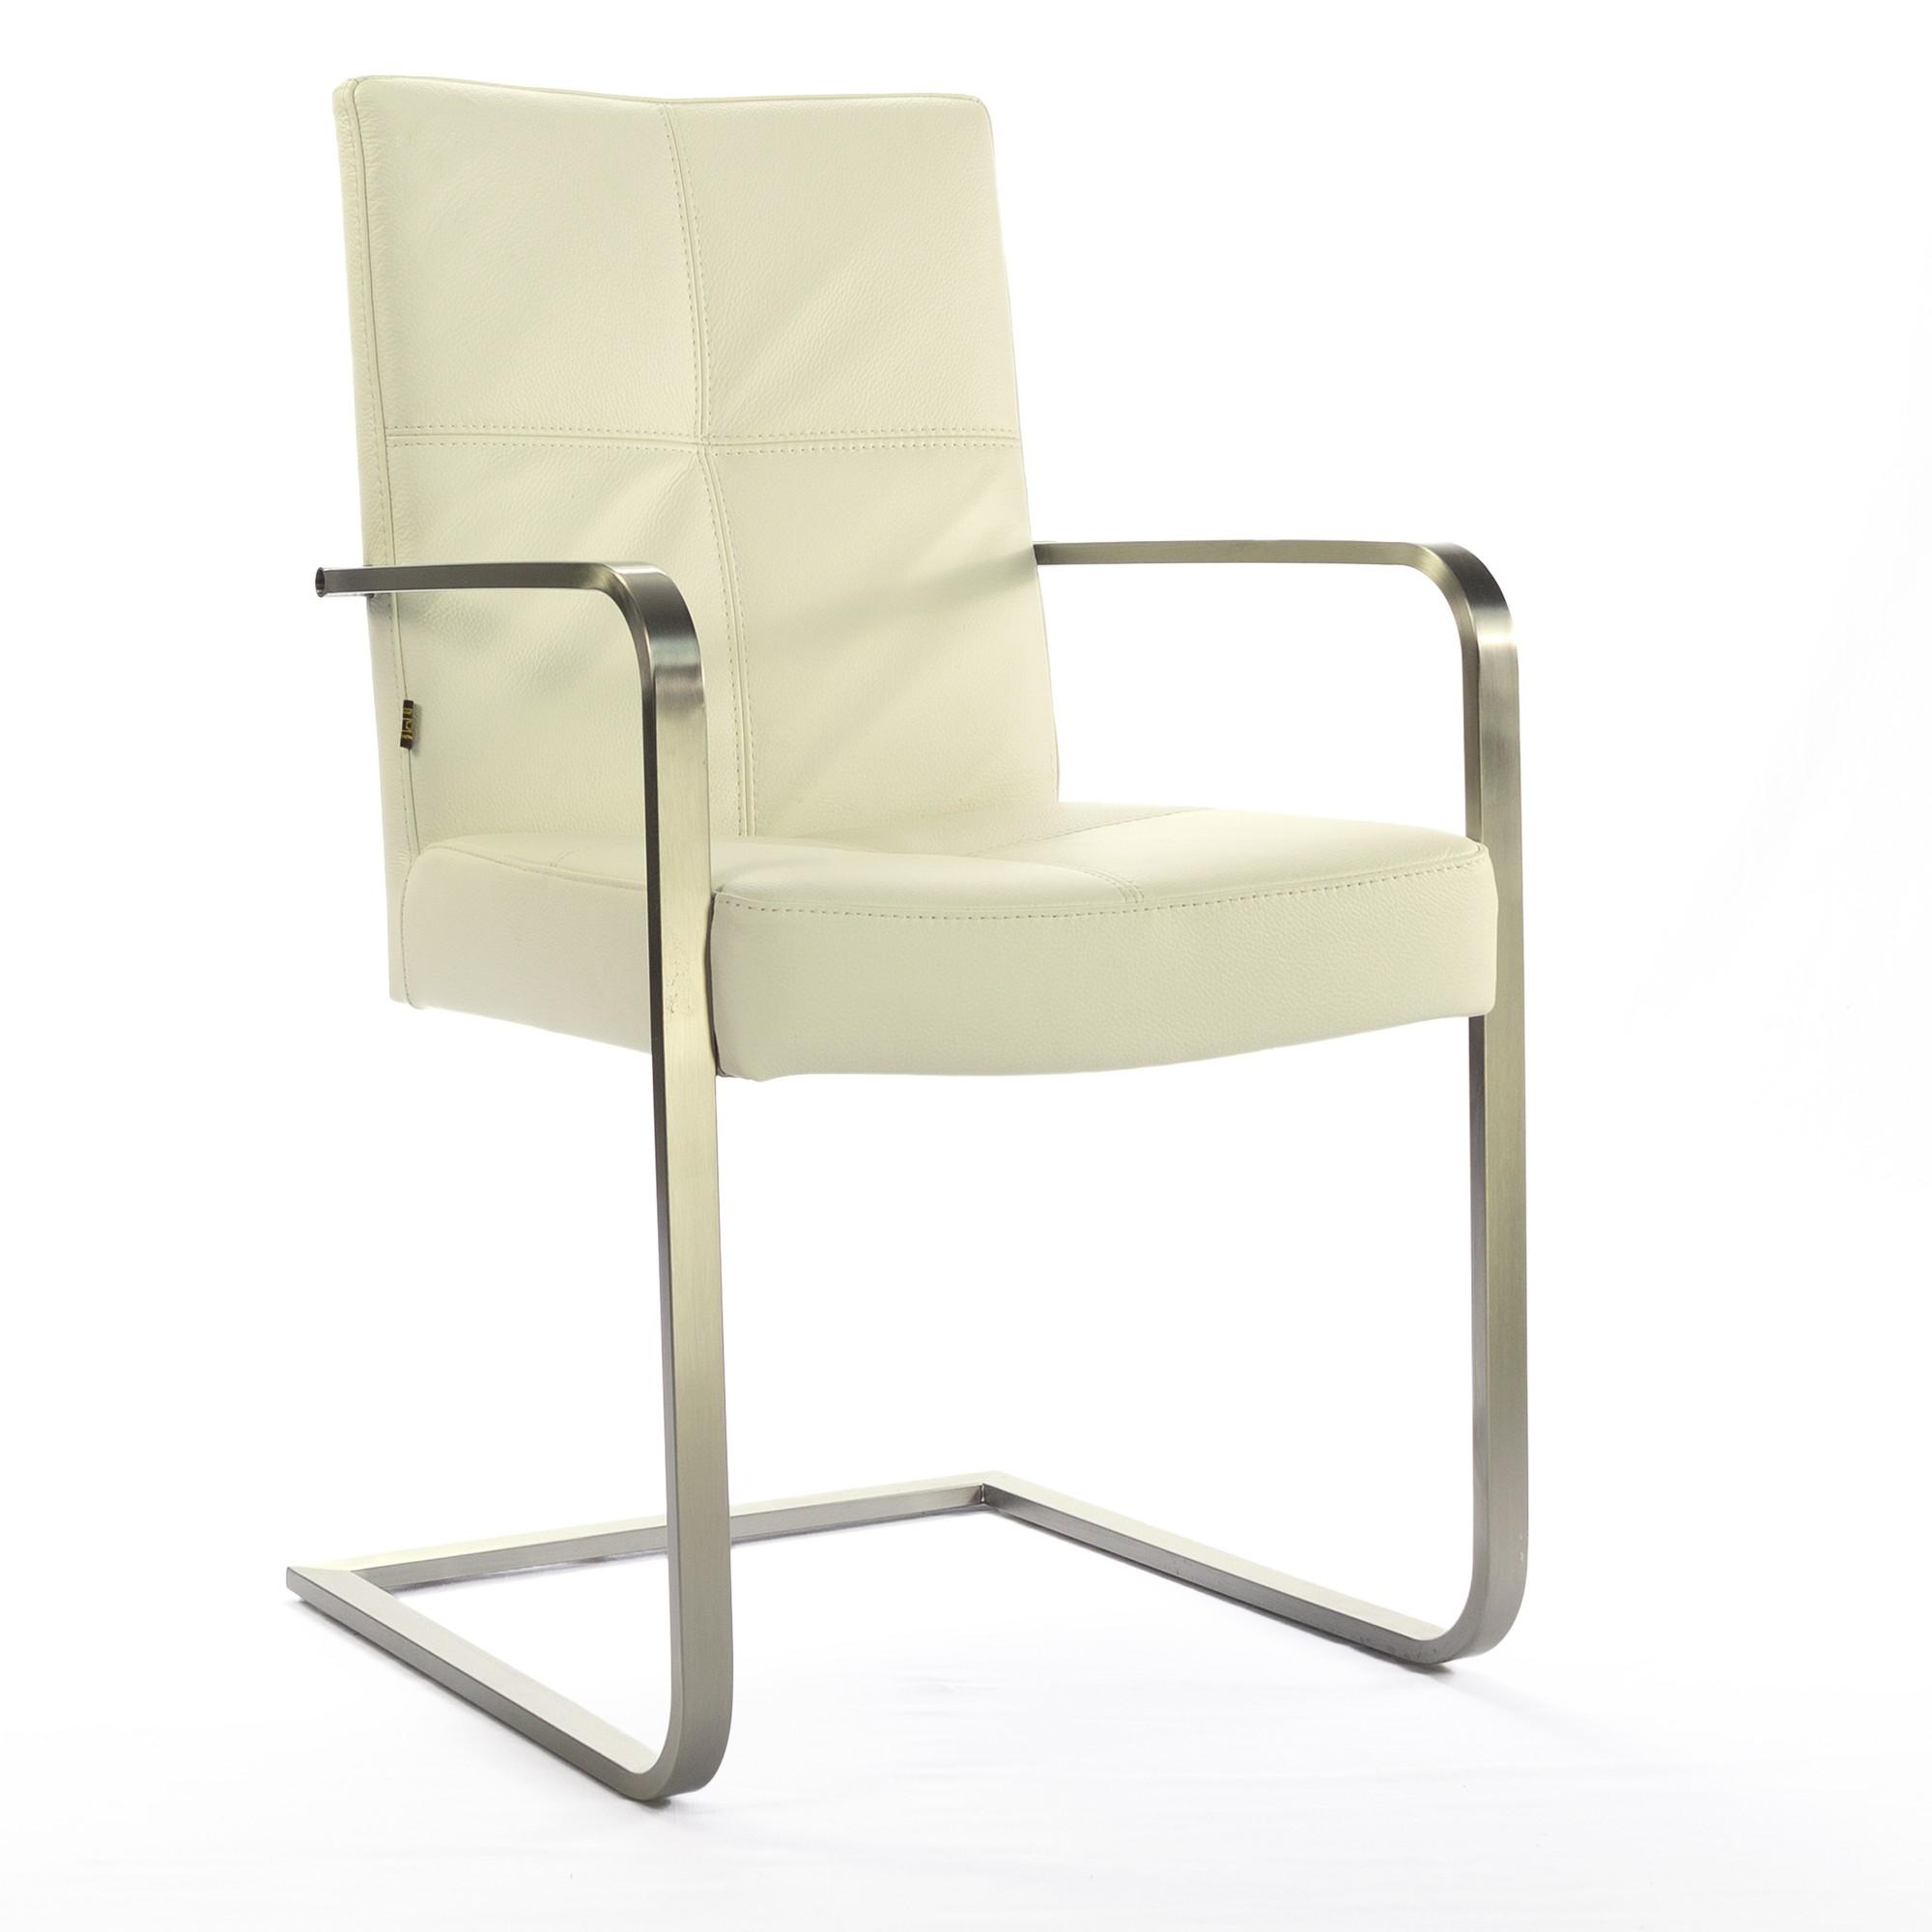 freischwinger armlehnstuhl libero rindsleder creme weiss edelstahl. Black Bedroom Furniture Sets. Home Design Ideas